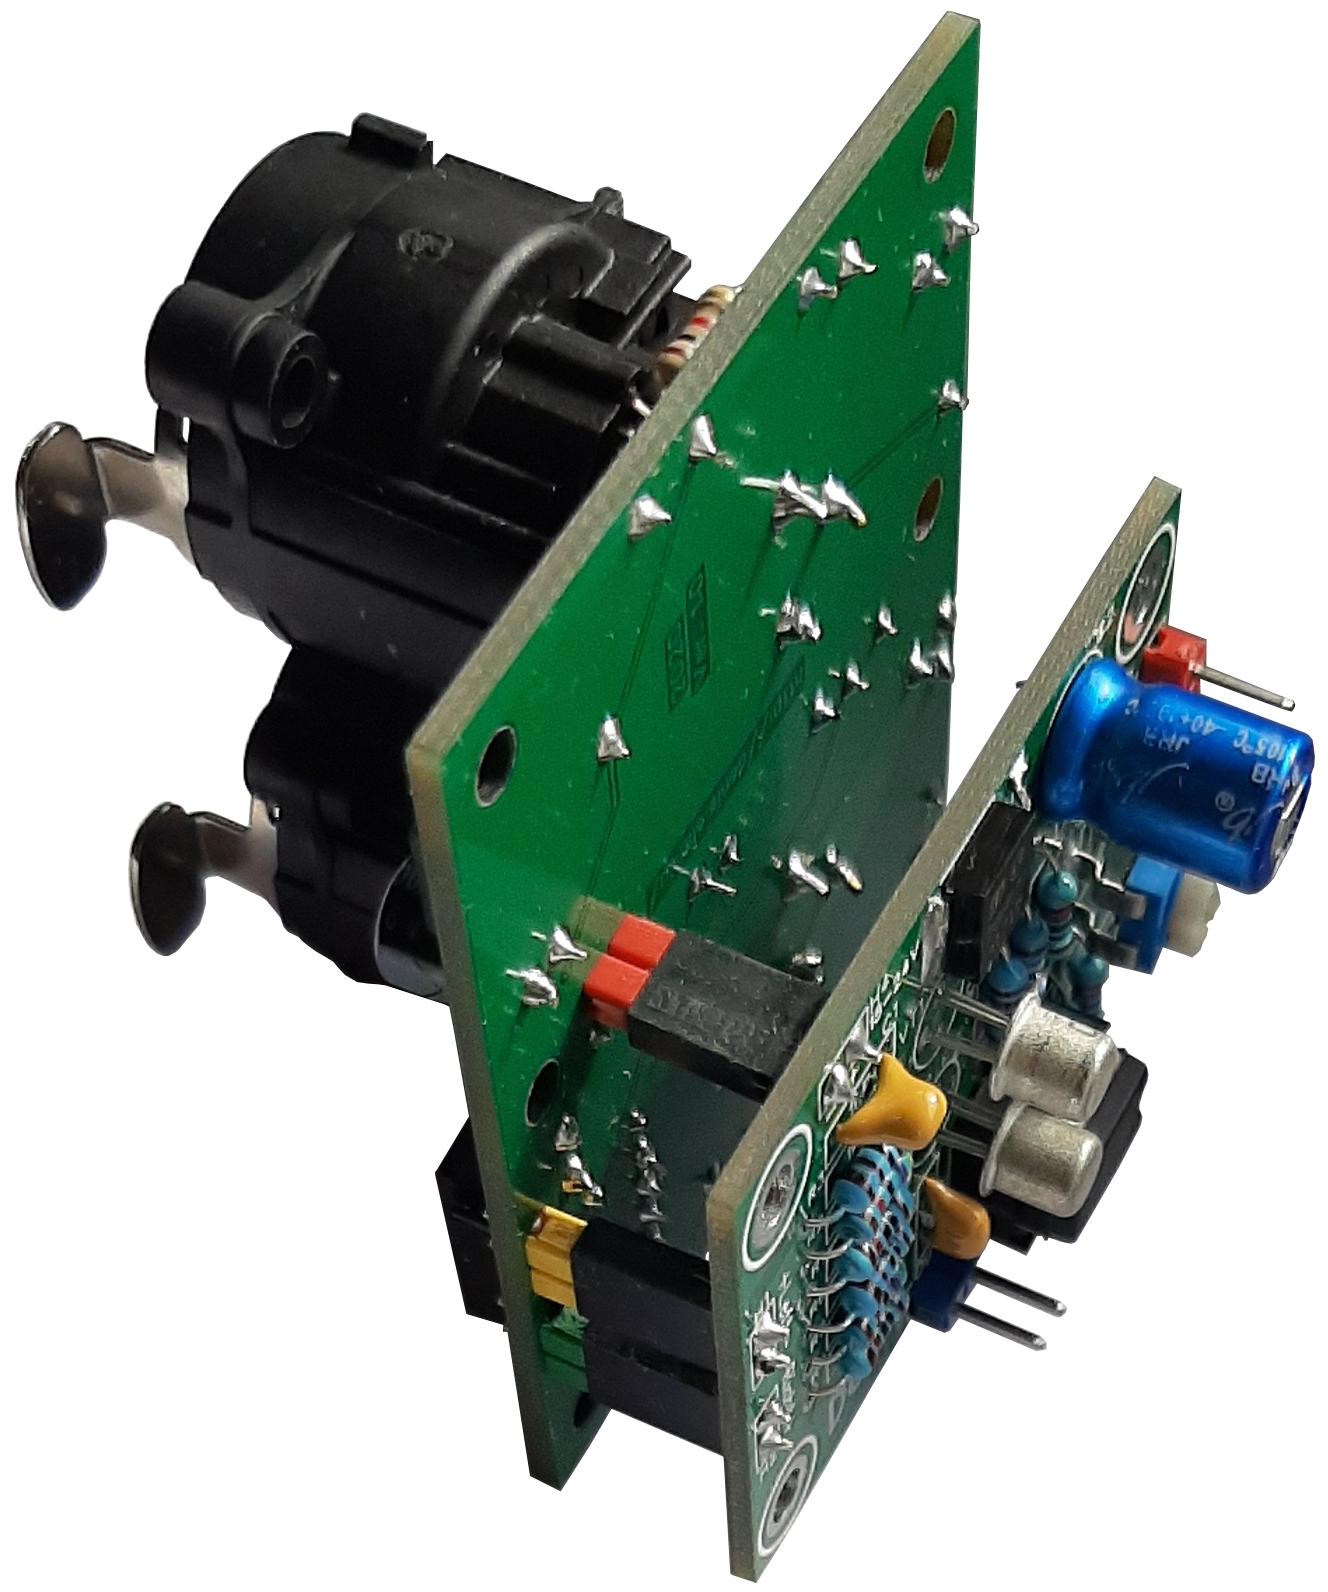 Совместная работа преобразователя балансного сигнала и сумматора каналов.